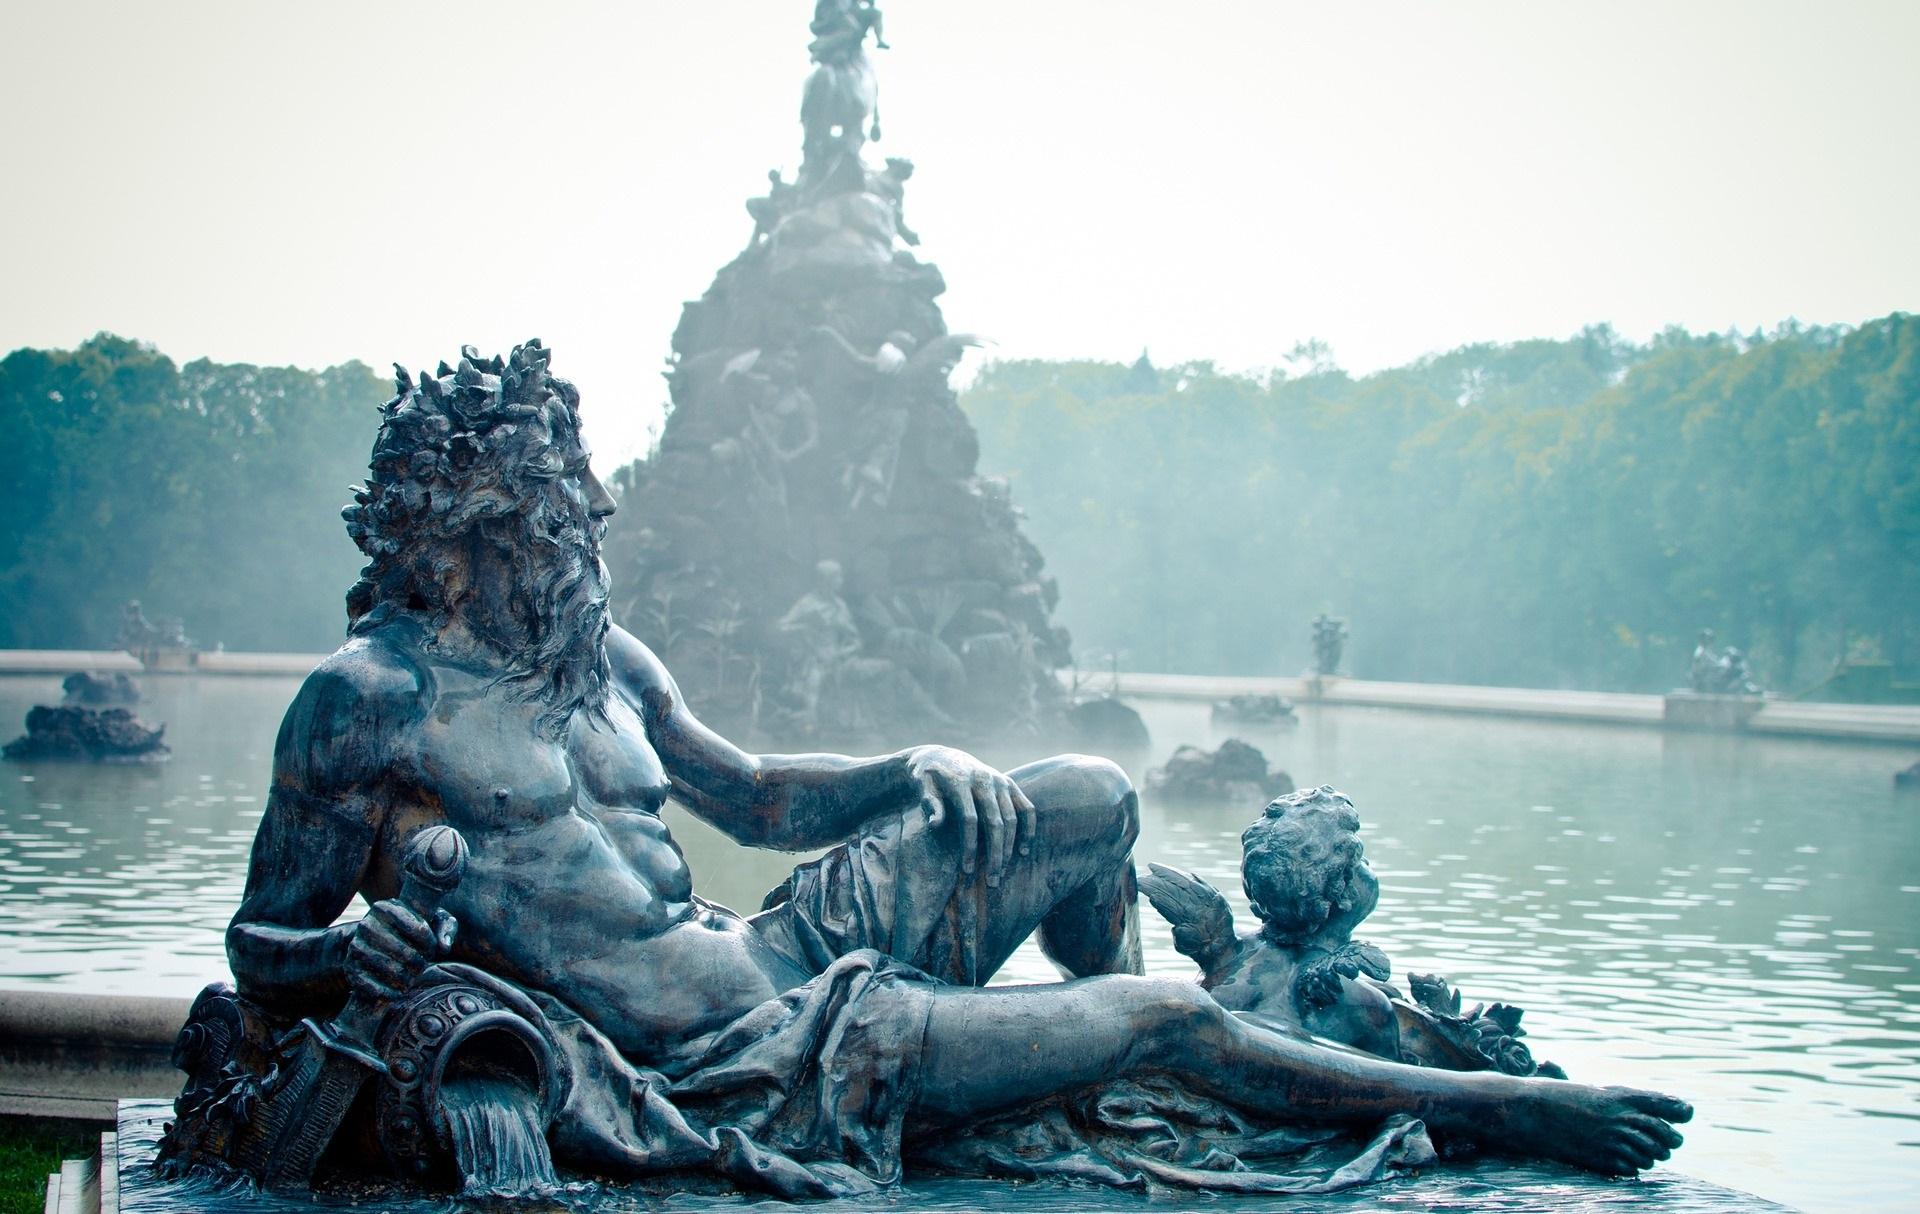 Staty av Poseidon liggandes vid sjö.